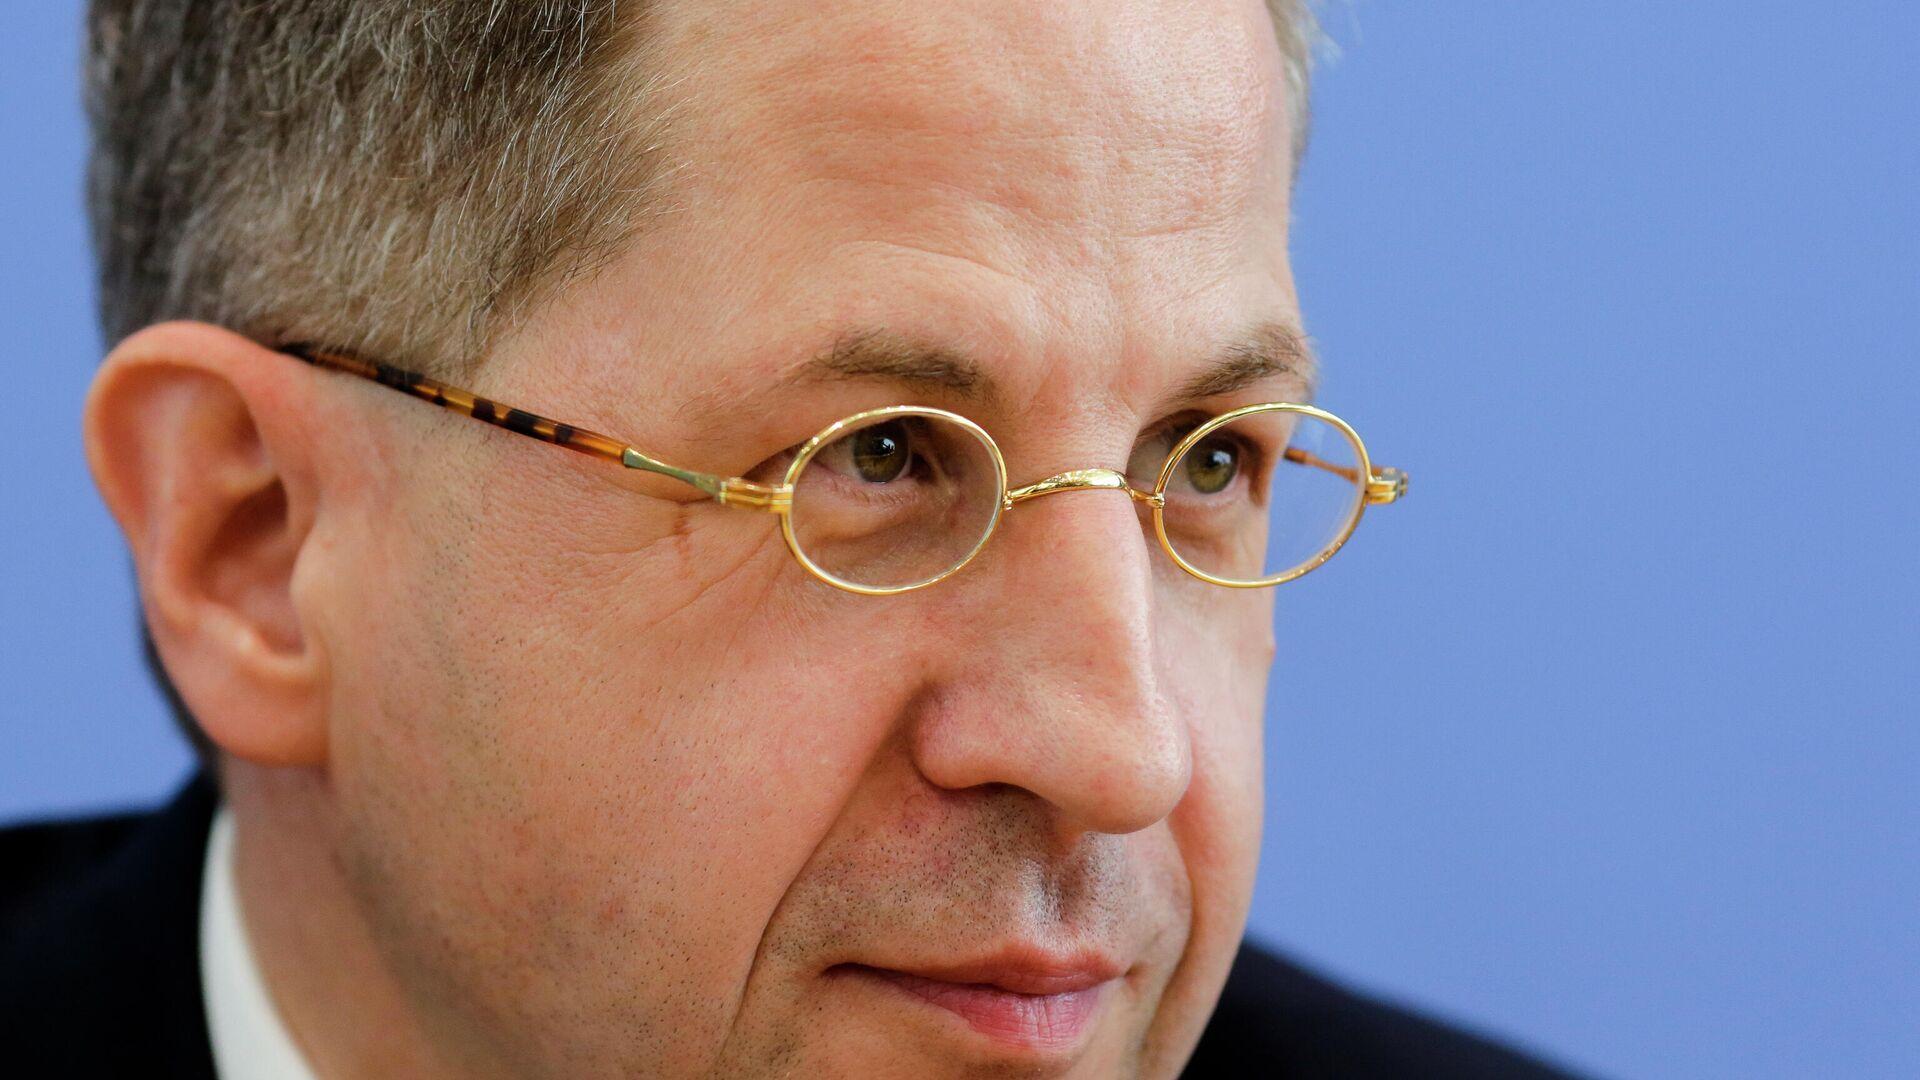 Der Ex-Verfassungsschutzpräsident Hans-Georg Maaßen nimmt an einer Pressekonferenz teil, 24. Juli 2018. (Archivbild) - SNA, 1920, 10.09.2021